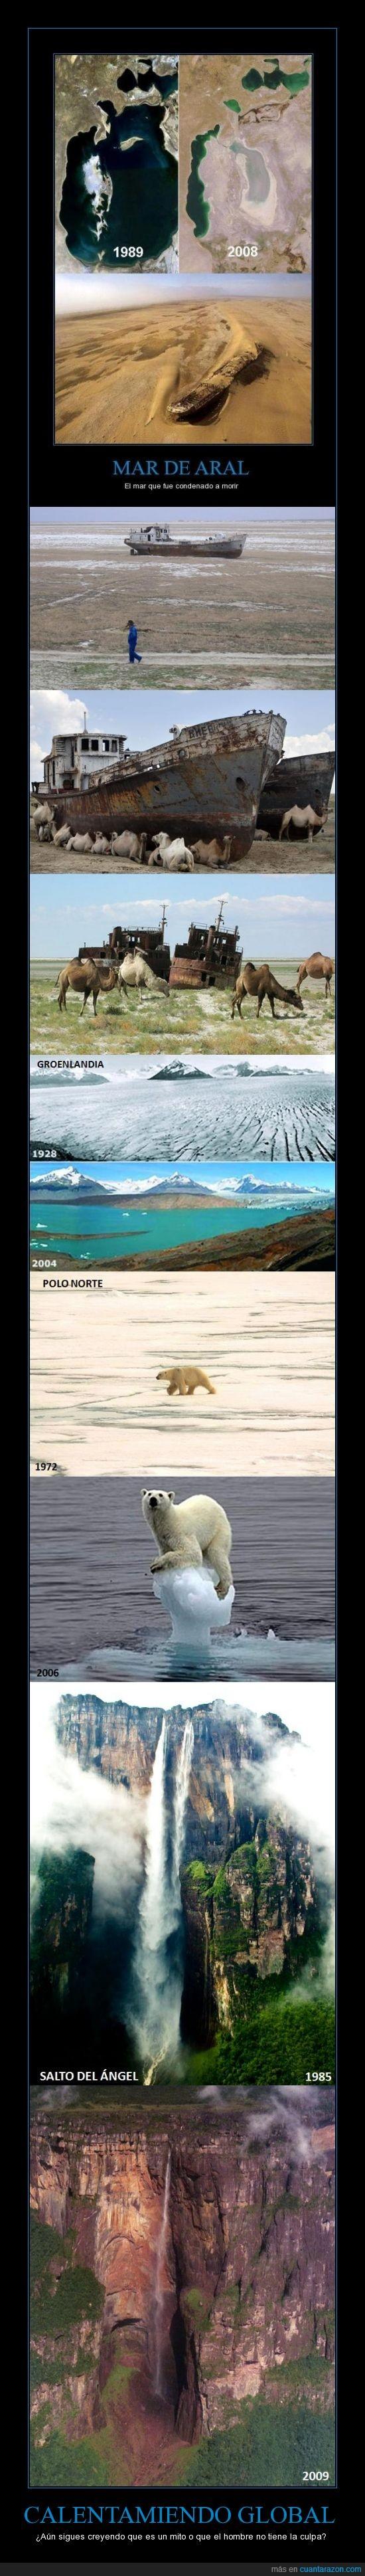 calentamiento global,cambio,destrucción,groenlandia,mar aral,naturaleza,oso,polo norte,salto del ángel